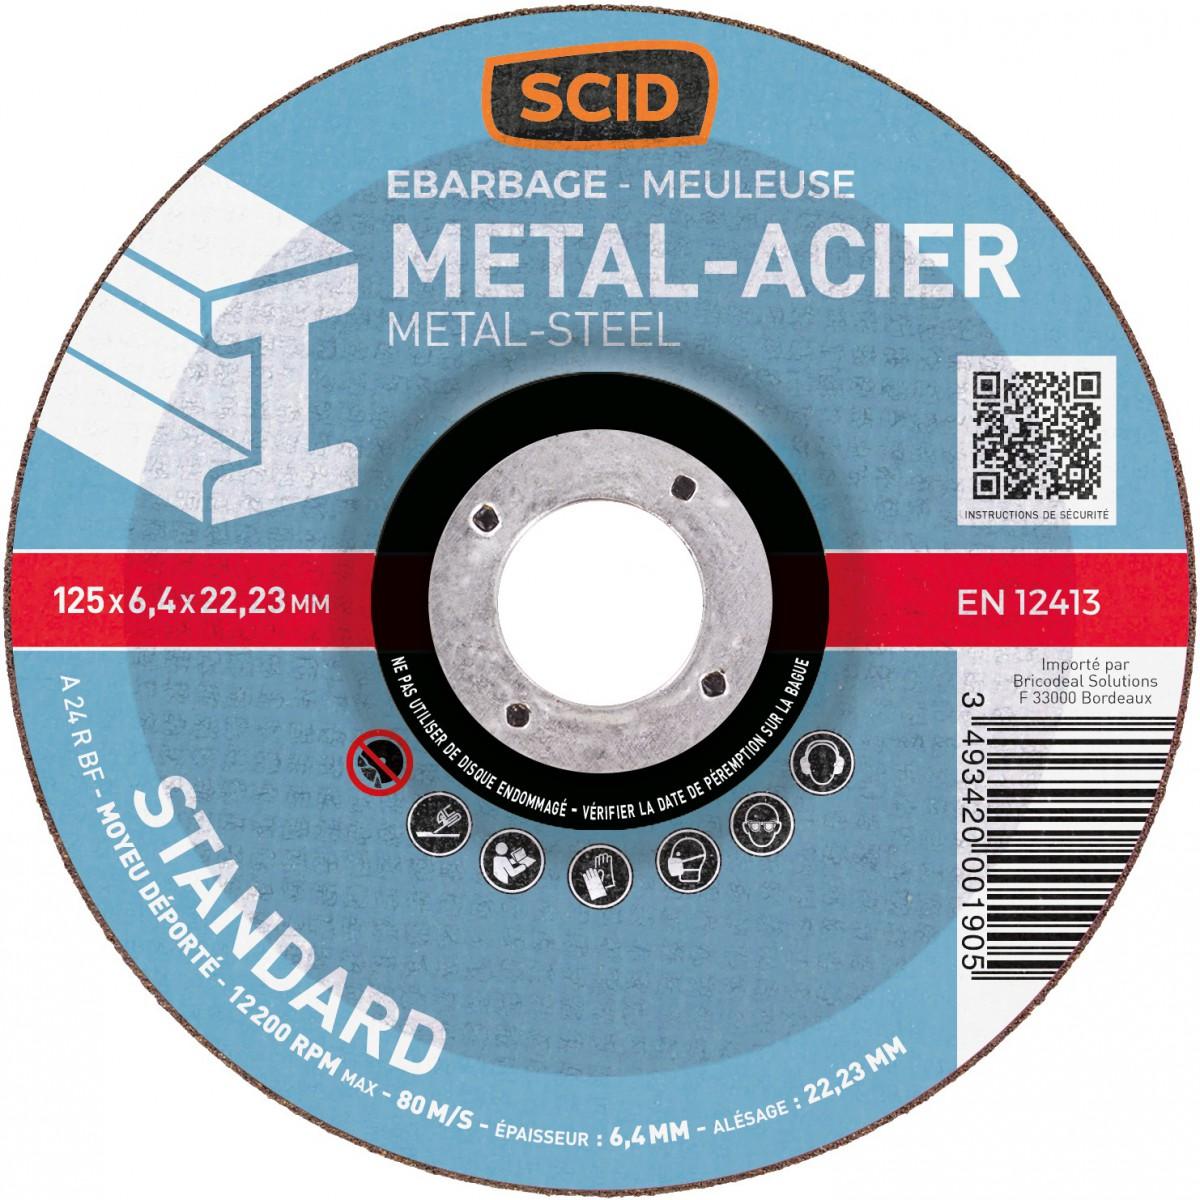 Disque à ébarber SCID - Métaux - Diamètre 125 mm